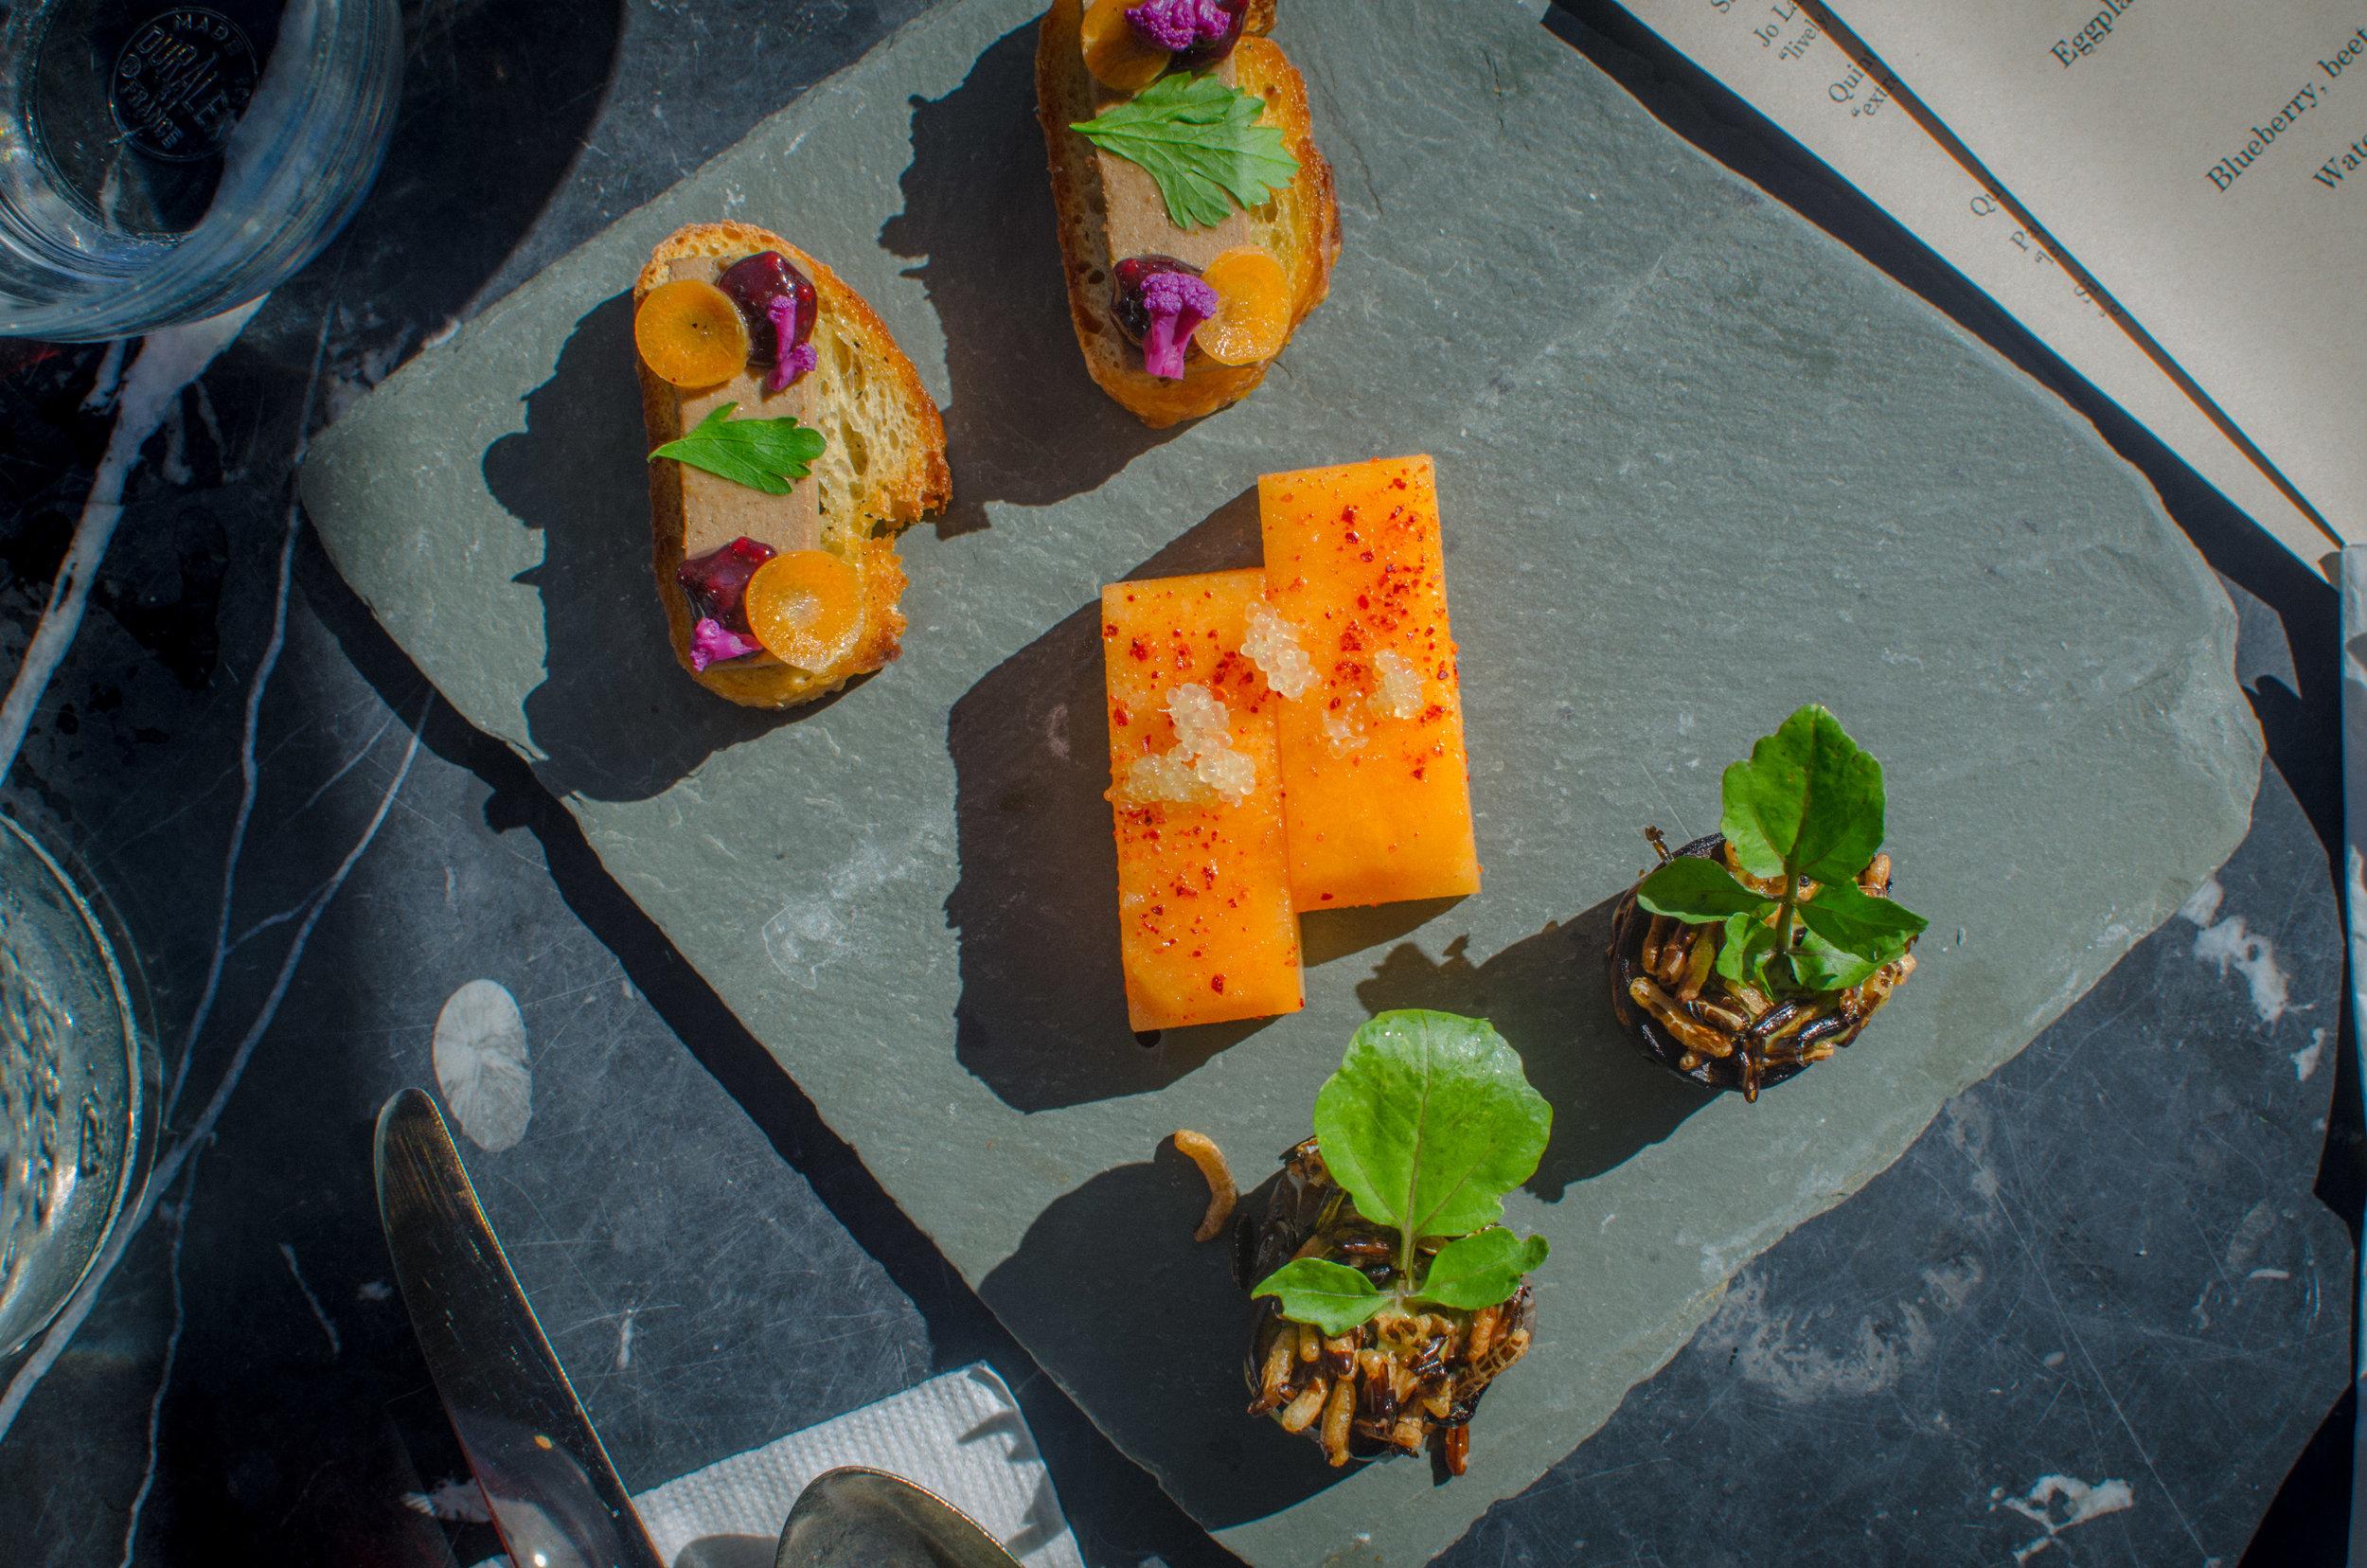 DSC_6377 Jeremy's Food.jpg